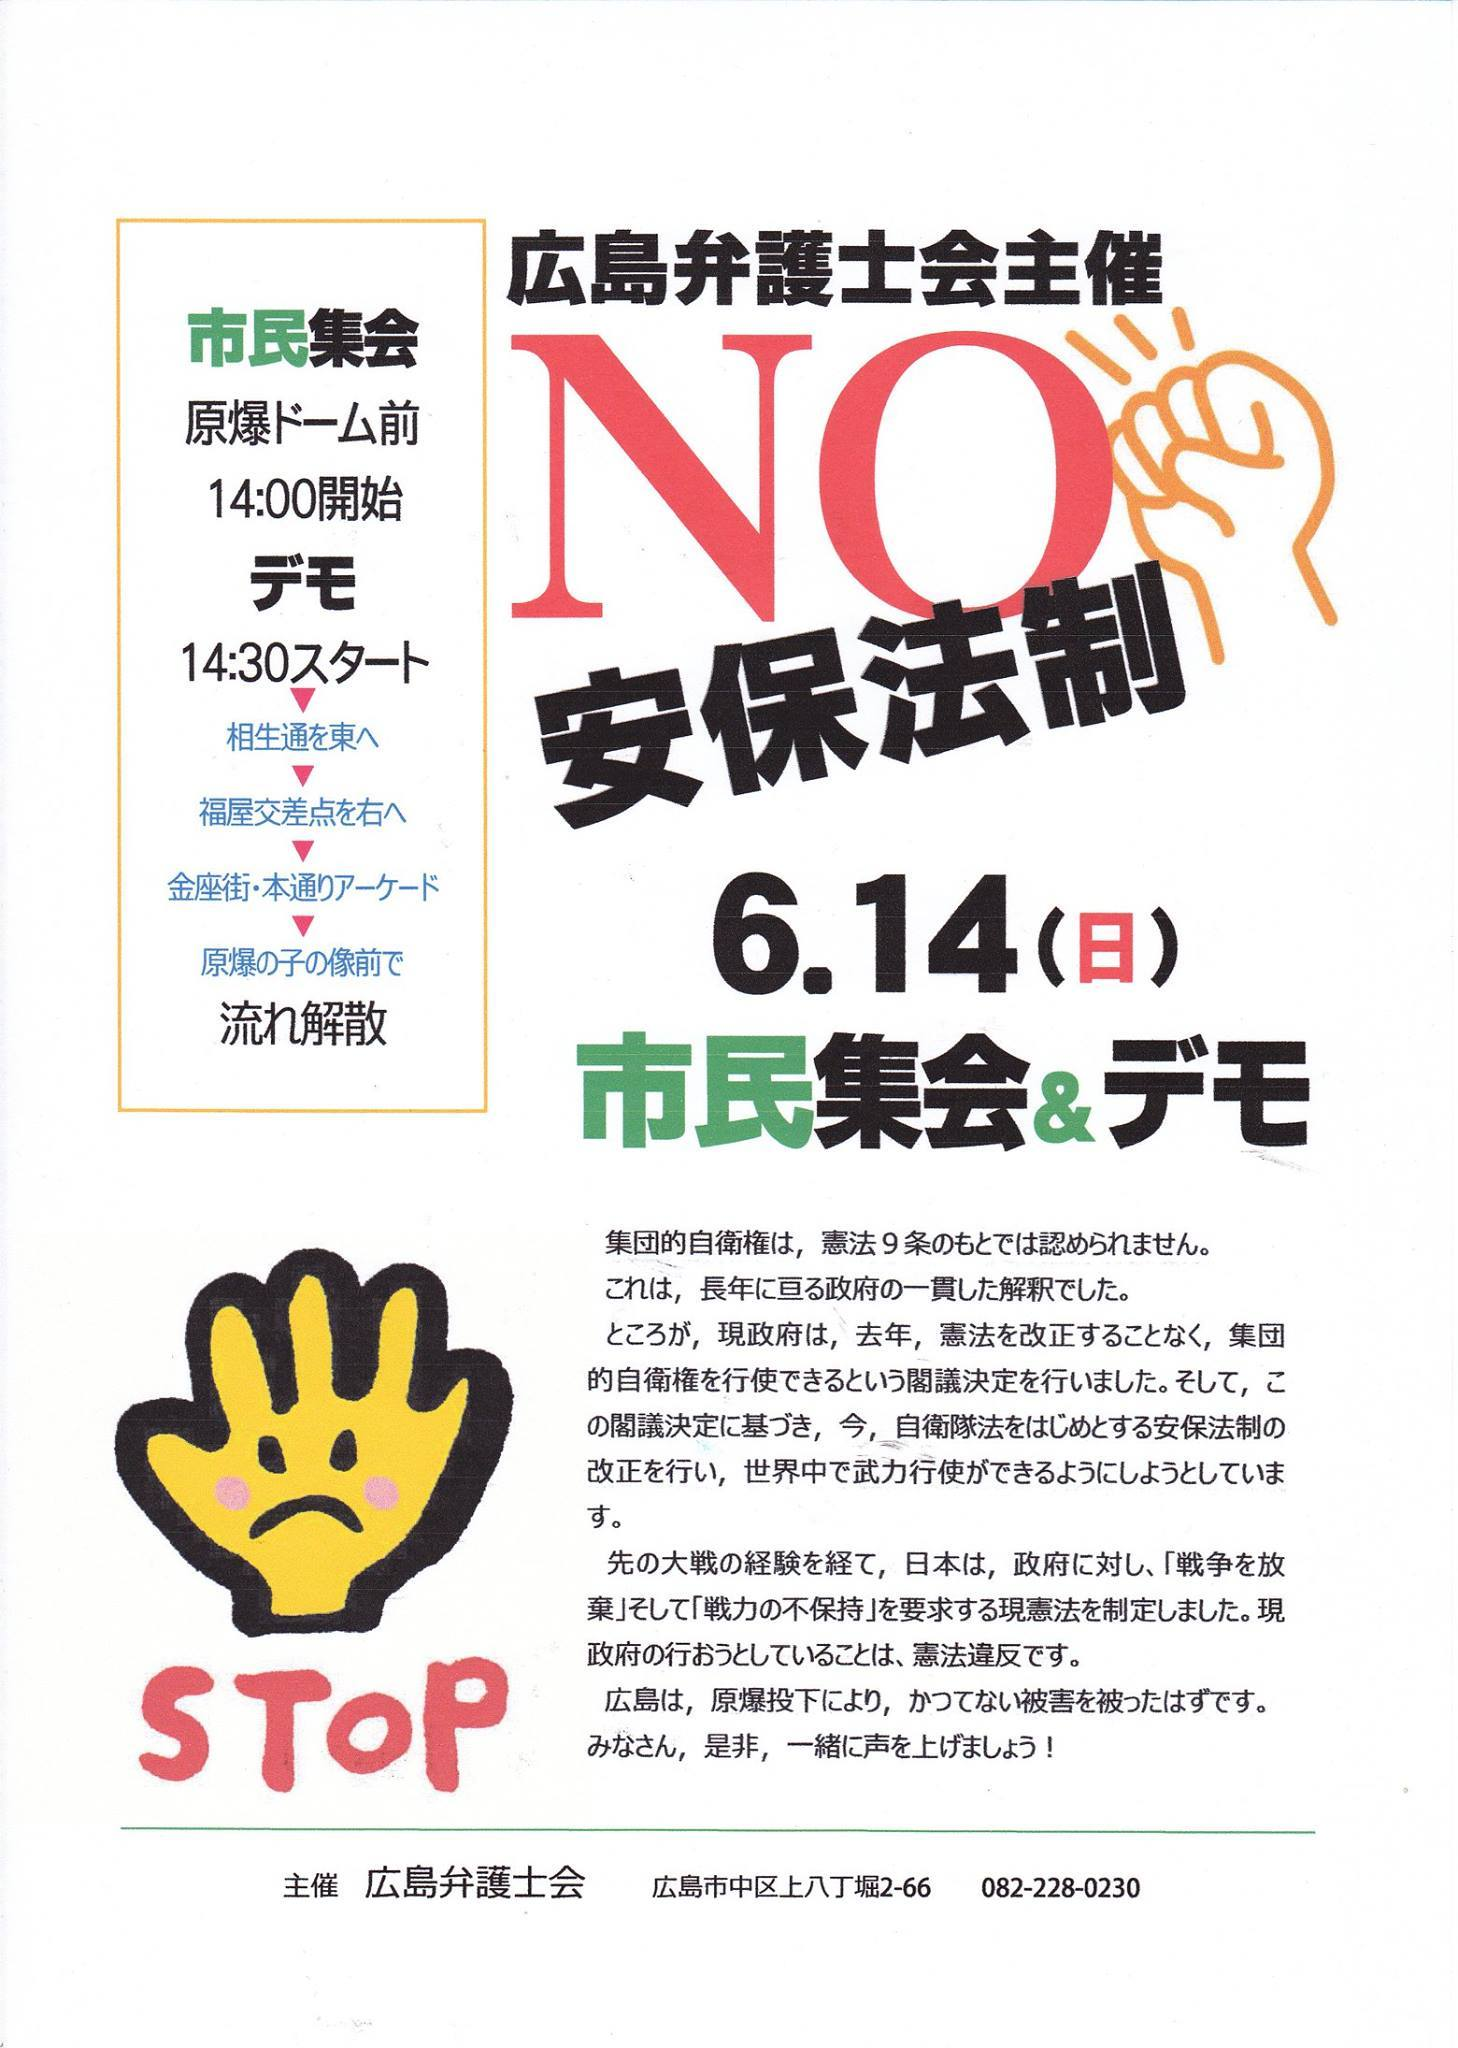 広島弁護士会主催 NO安保法制 市民集会デモ 6月14日_e0094315_09480812.jpg